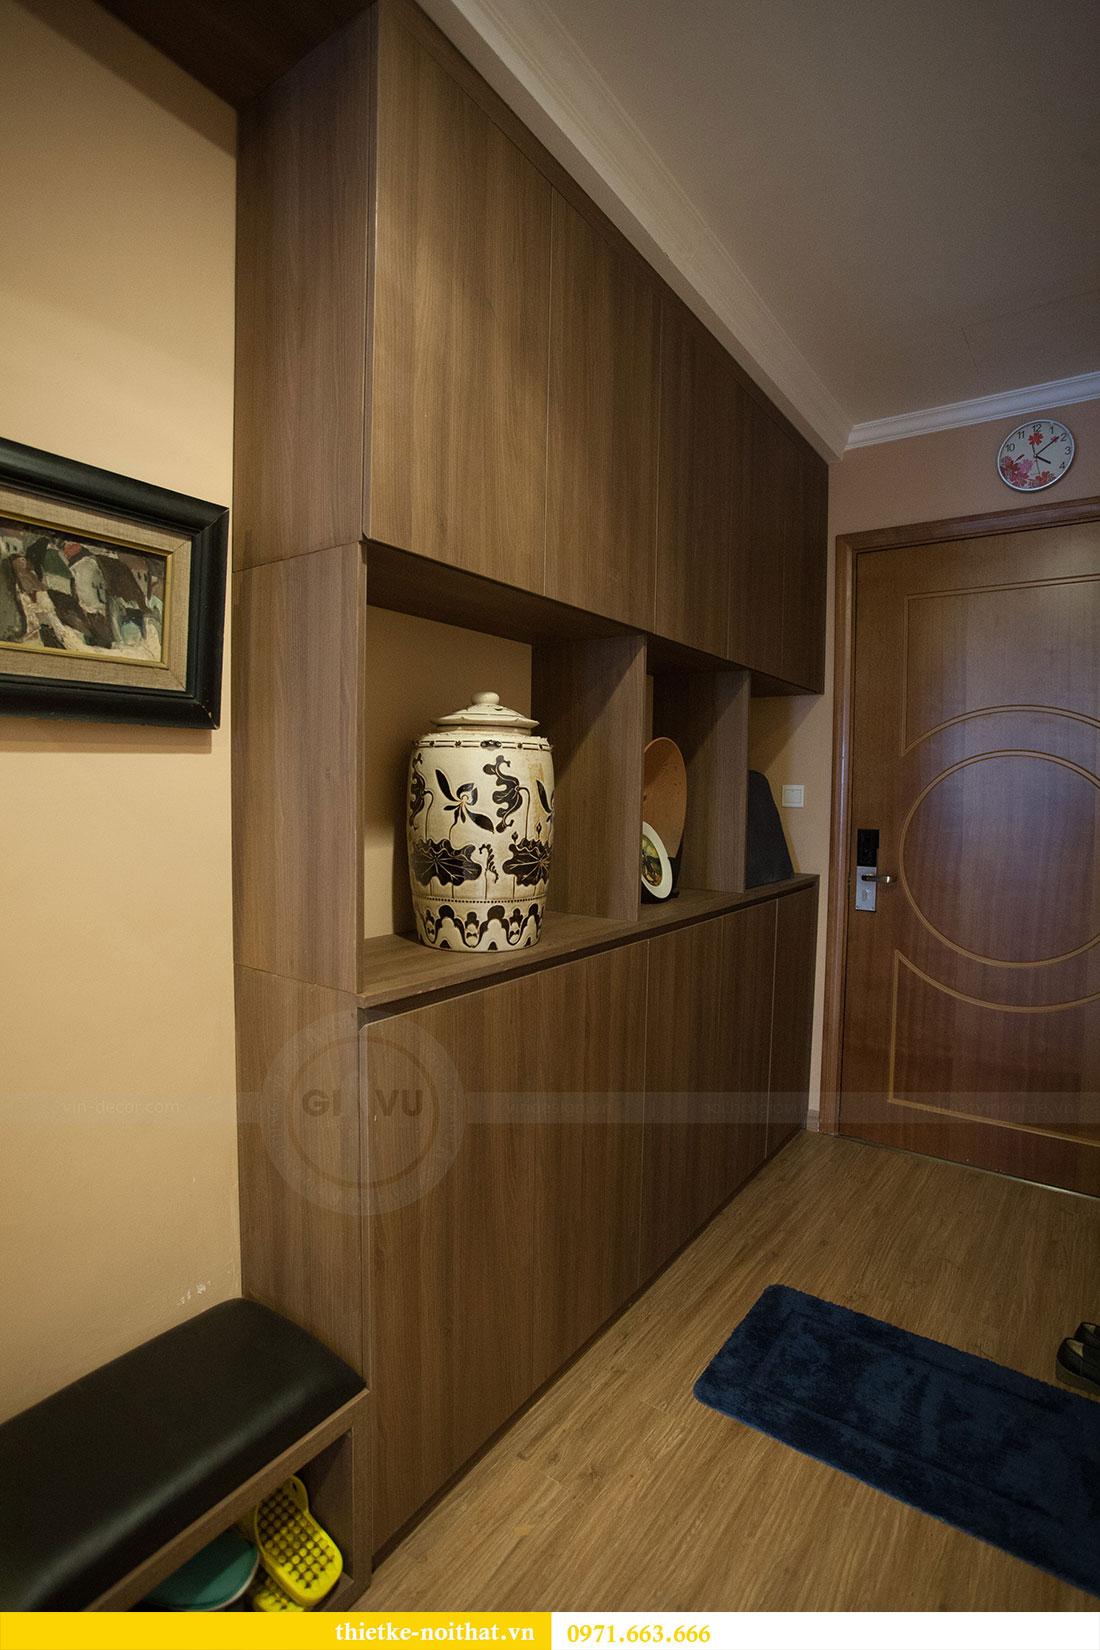 Hoàn thiện nội thất chung cư Park Hill nhà nhạc sỹ Nguyễn Cường 1